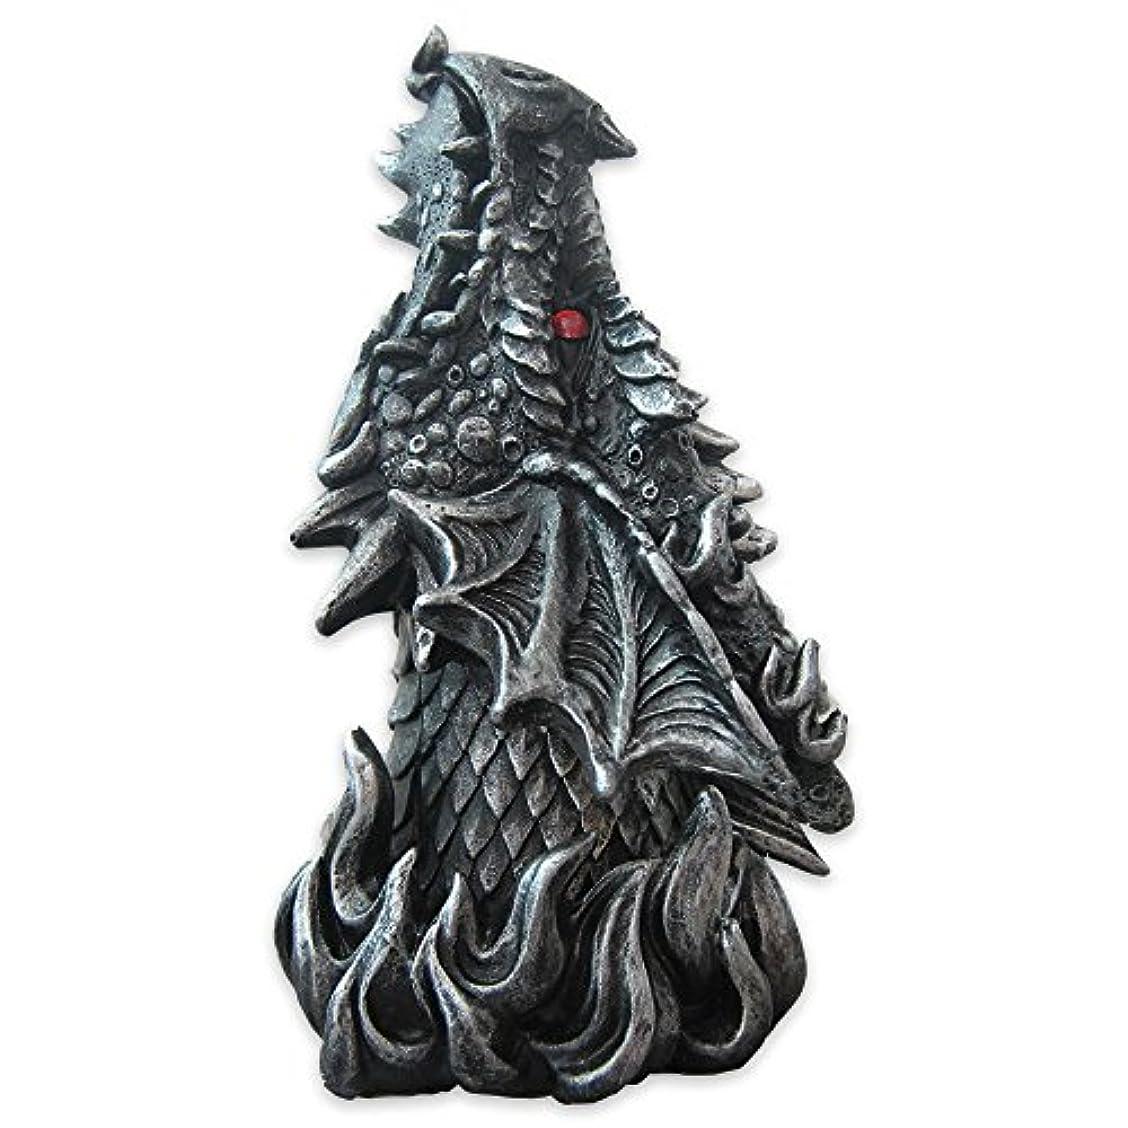 オーケストラ霧深い講義Dragon Figure Cone Incense Burner Fiery Eyes - Gothic Smoke Breathing Decor